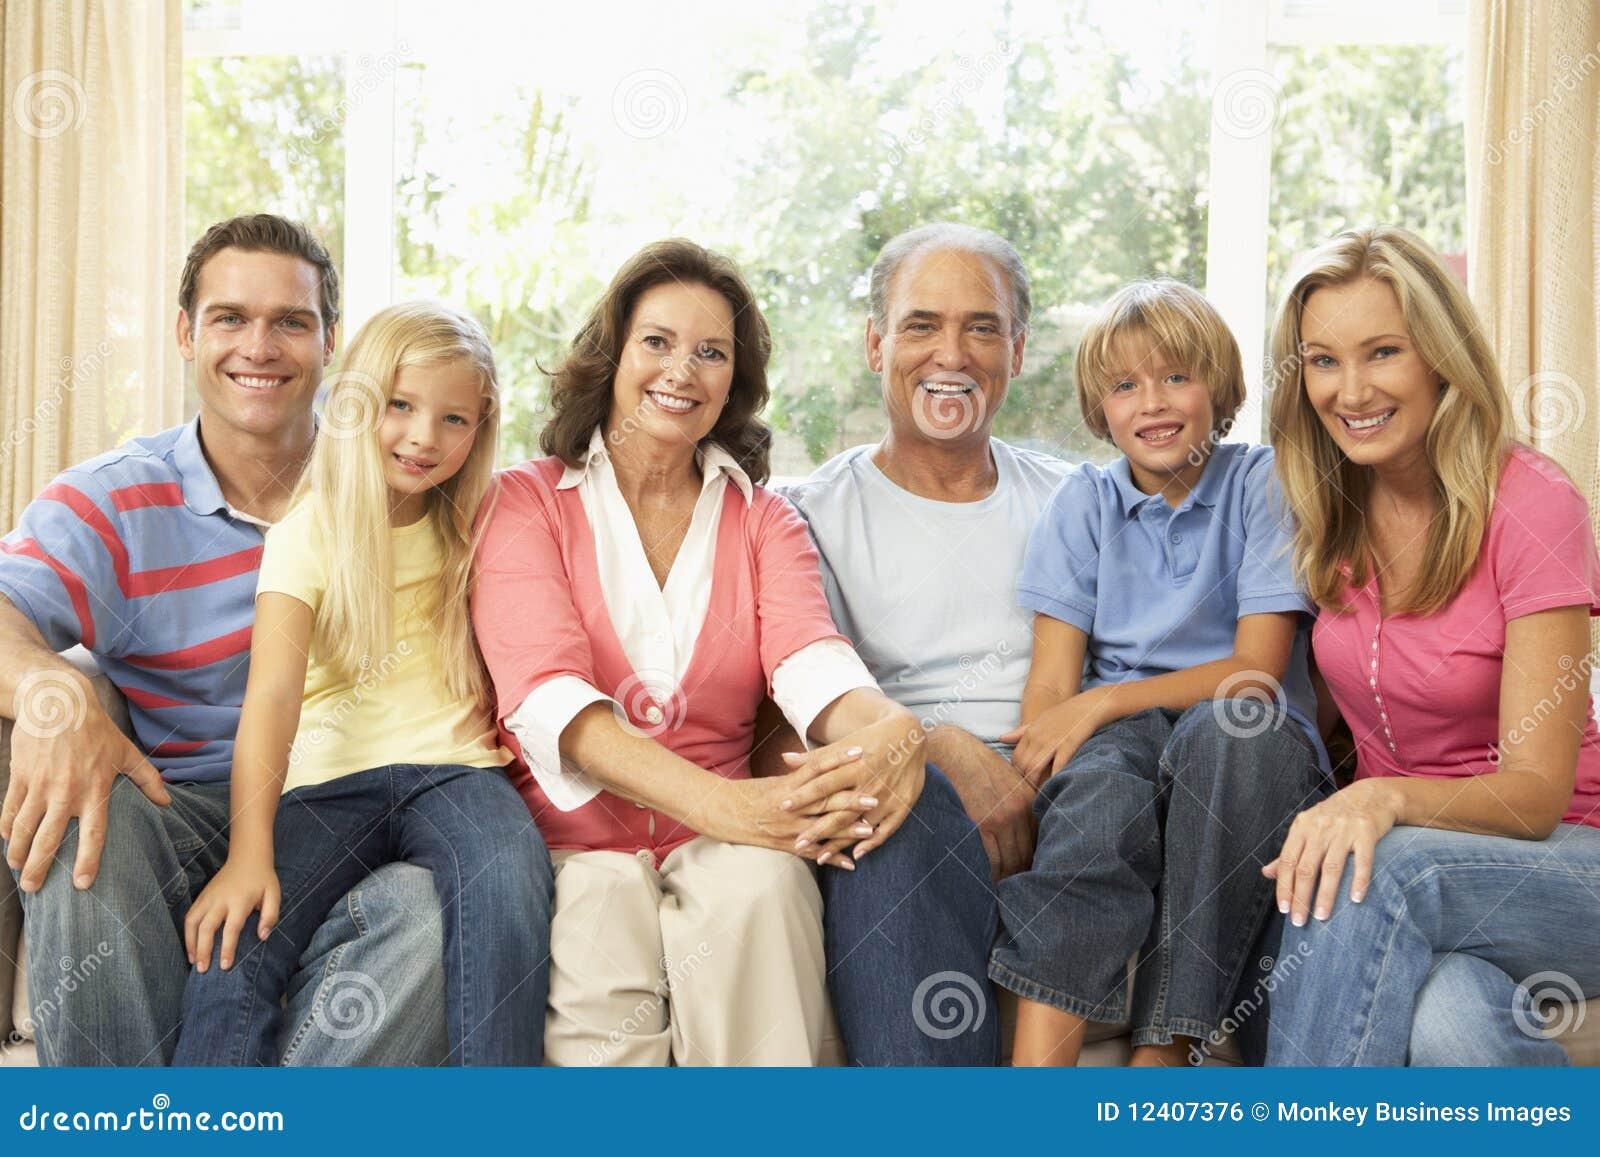 Familia Extensa Que Se Relaja En El Pa237s Junto Imagen de  : familia extensa que se relaja en el pas junto 12407376 from es.dreamstime.com size 1300 x 957 jpeg 167kB